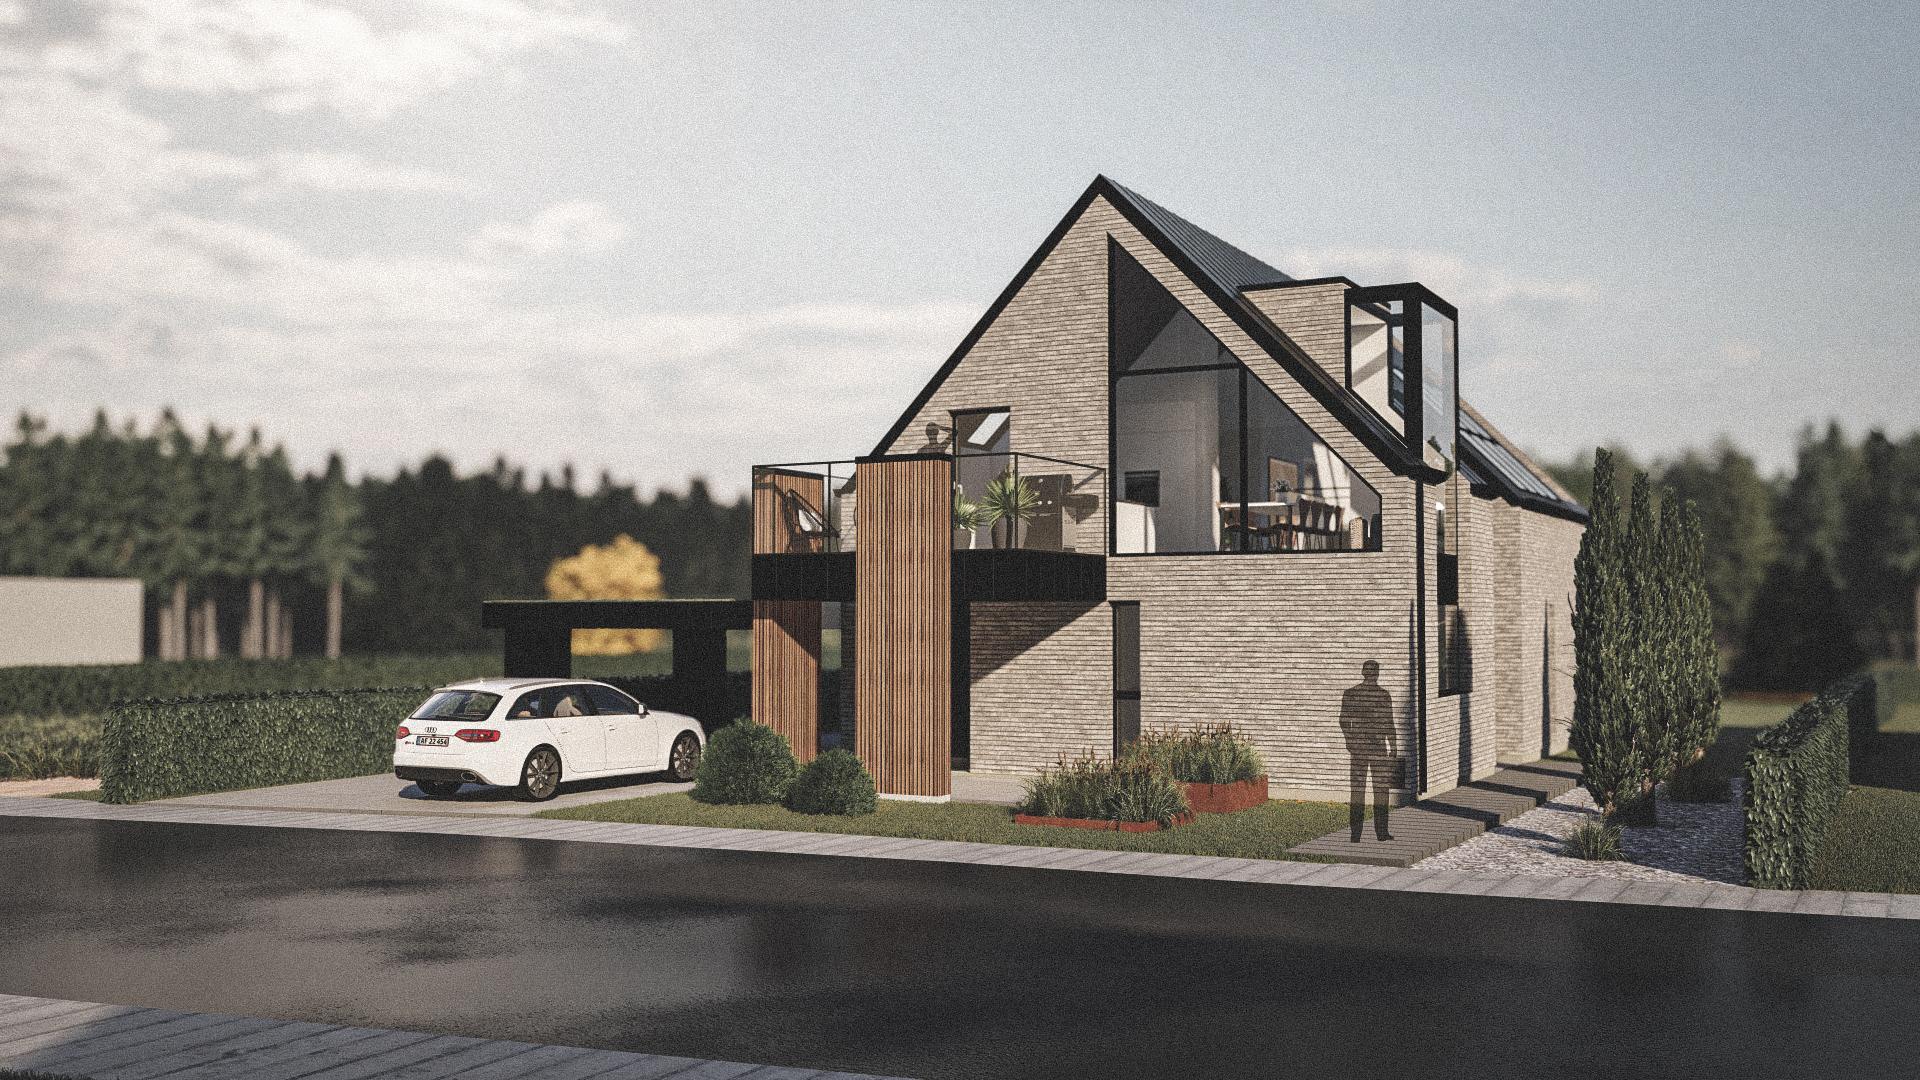 Billede af Dansk arkitekttegnet 2 plan villa af arkitektfirmaet m2plus, i Kolding på 202 kvartratmeter.